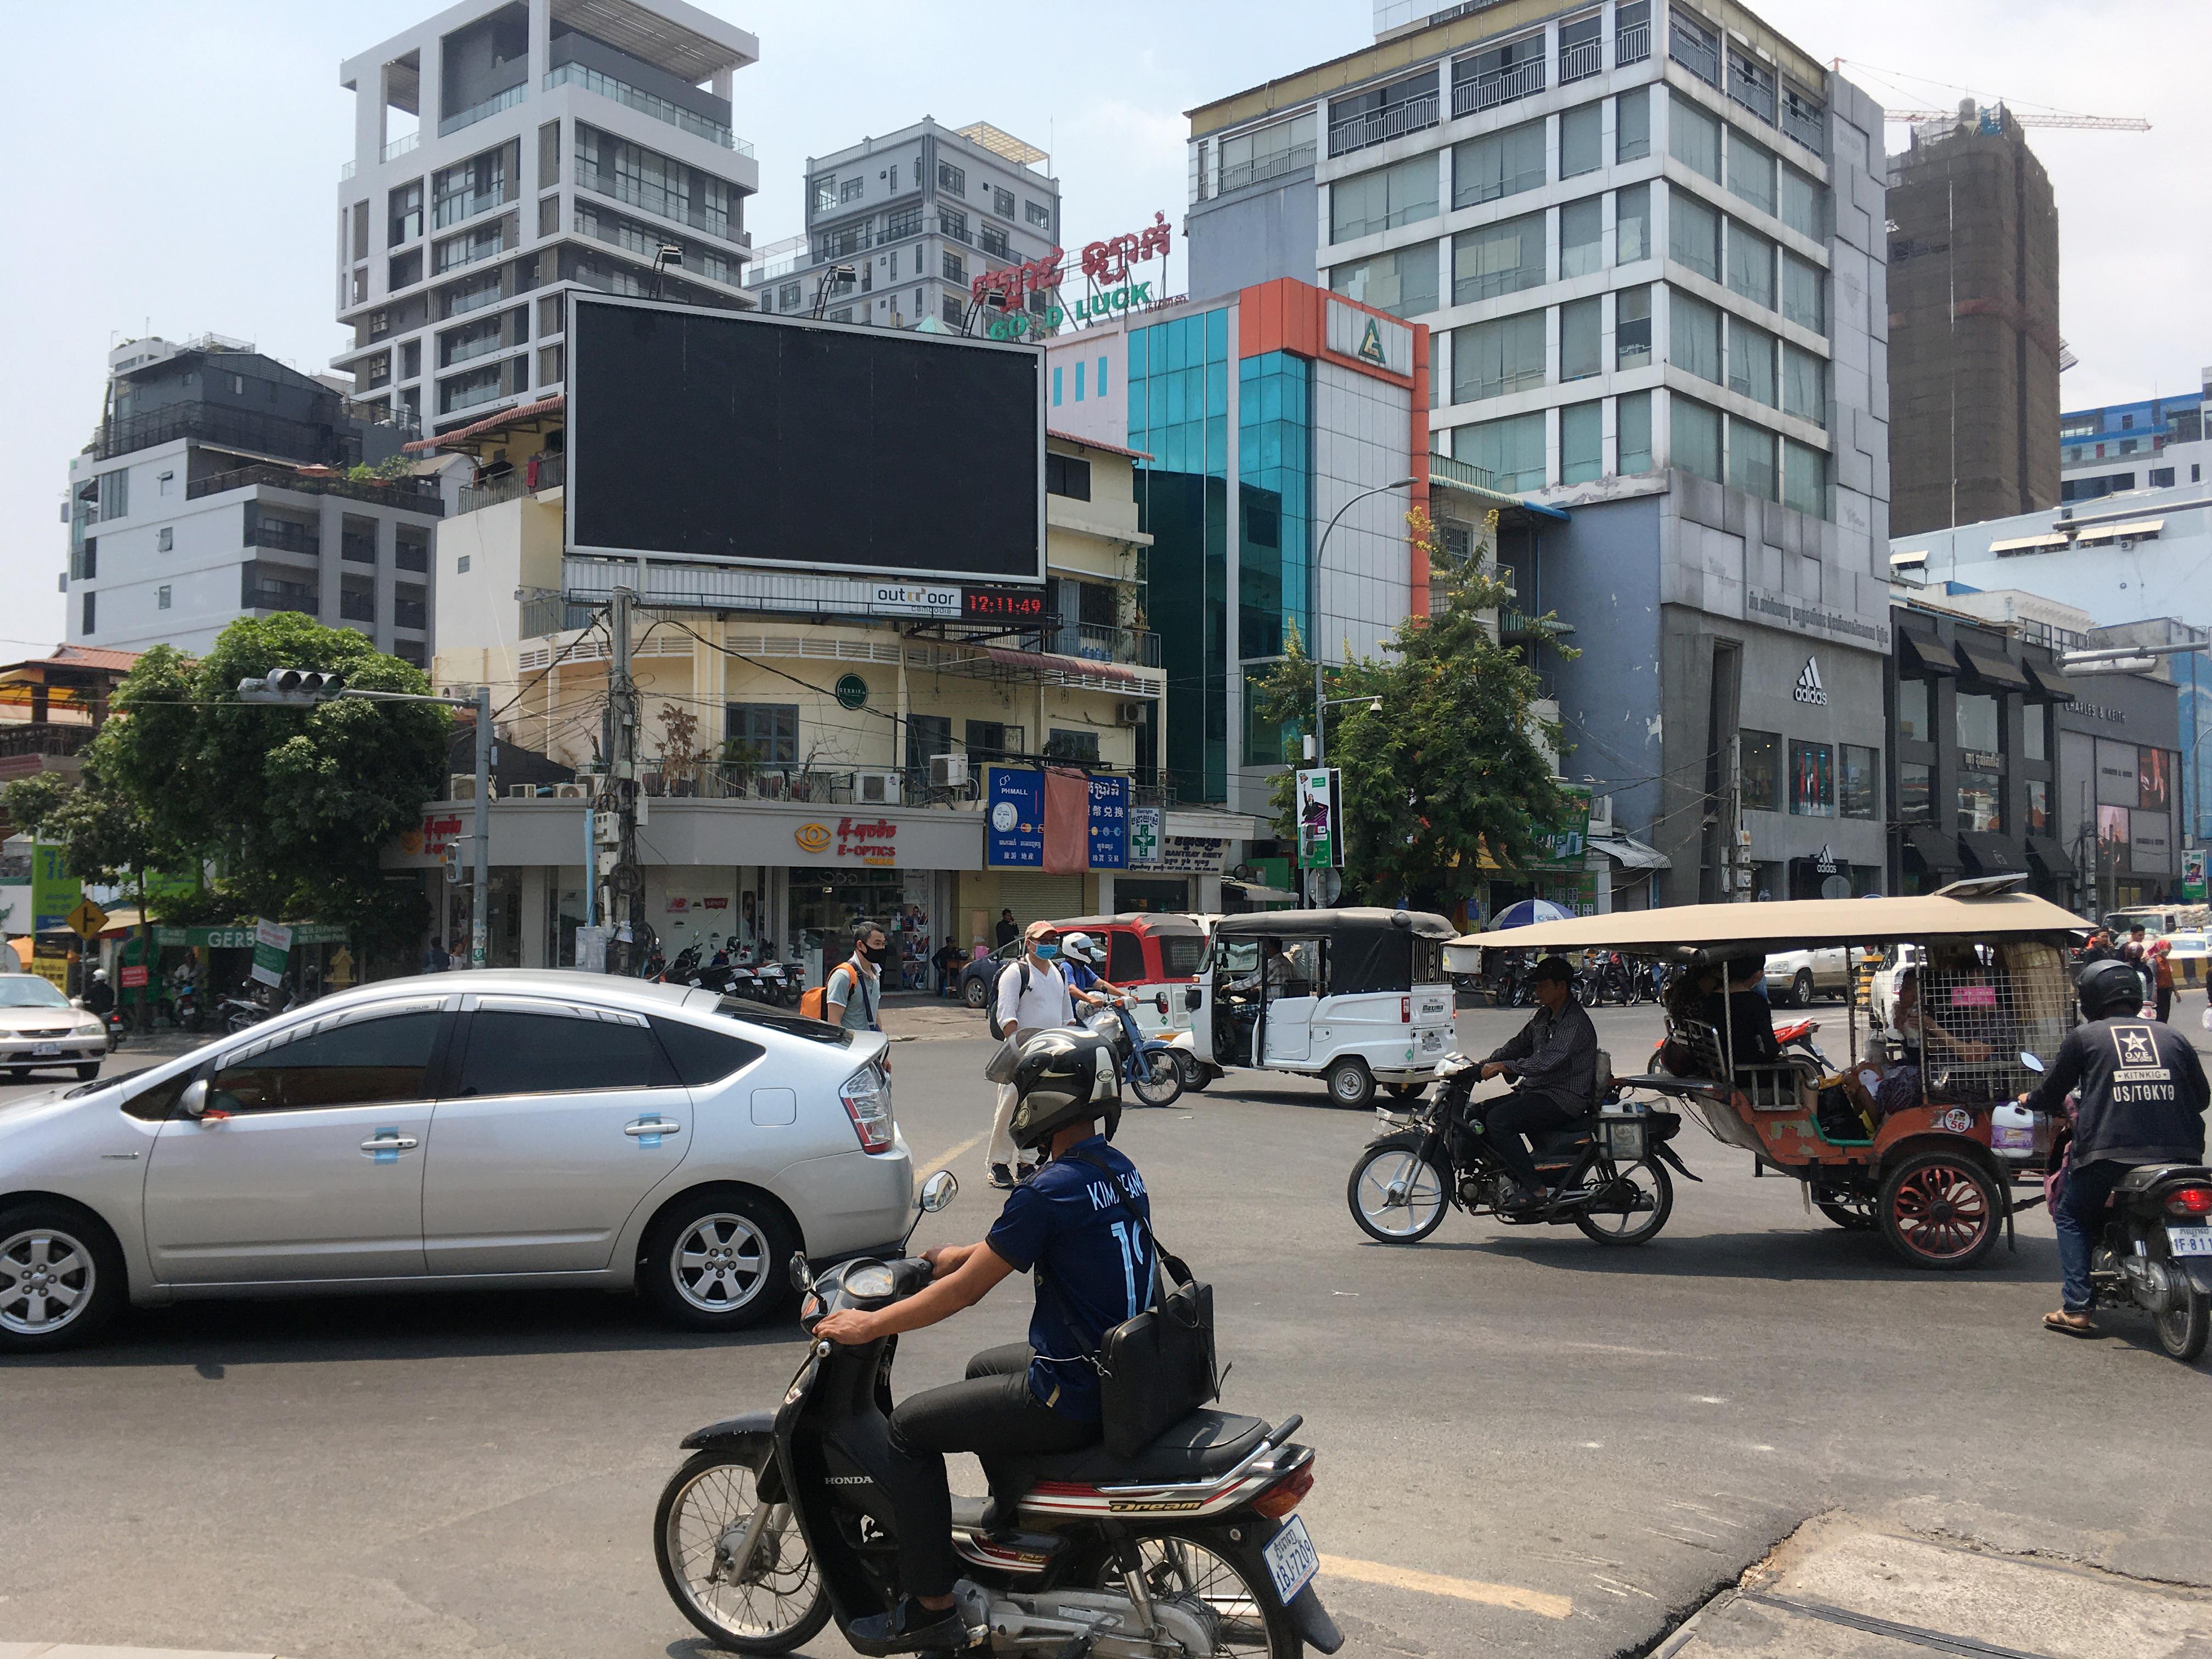 カンボジアの街自体は不穏な空気を全く感じないほど平和(ただし、ひったくりには要注意)。